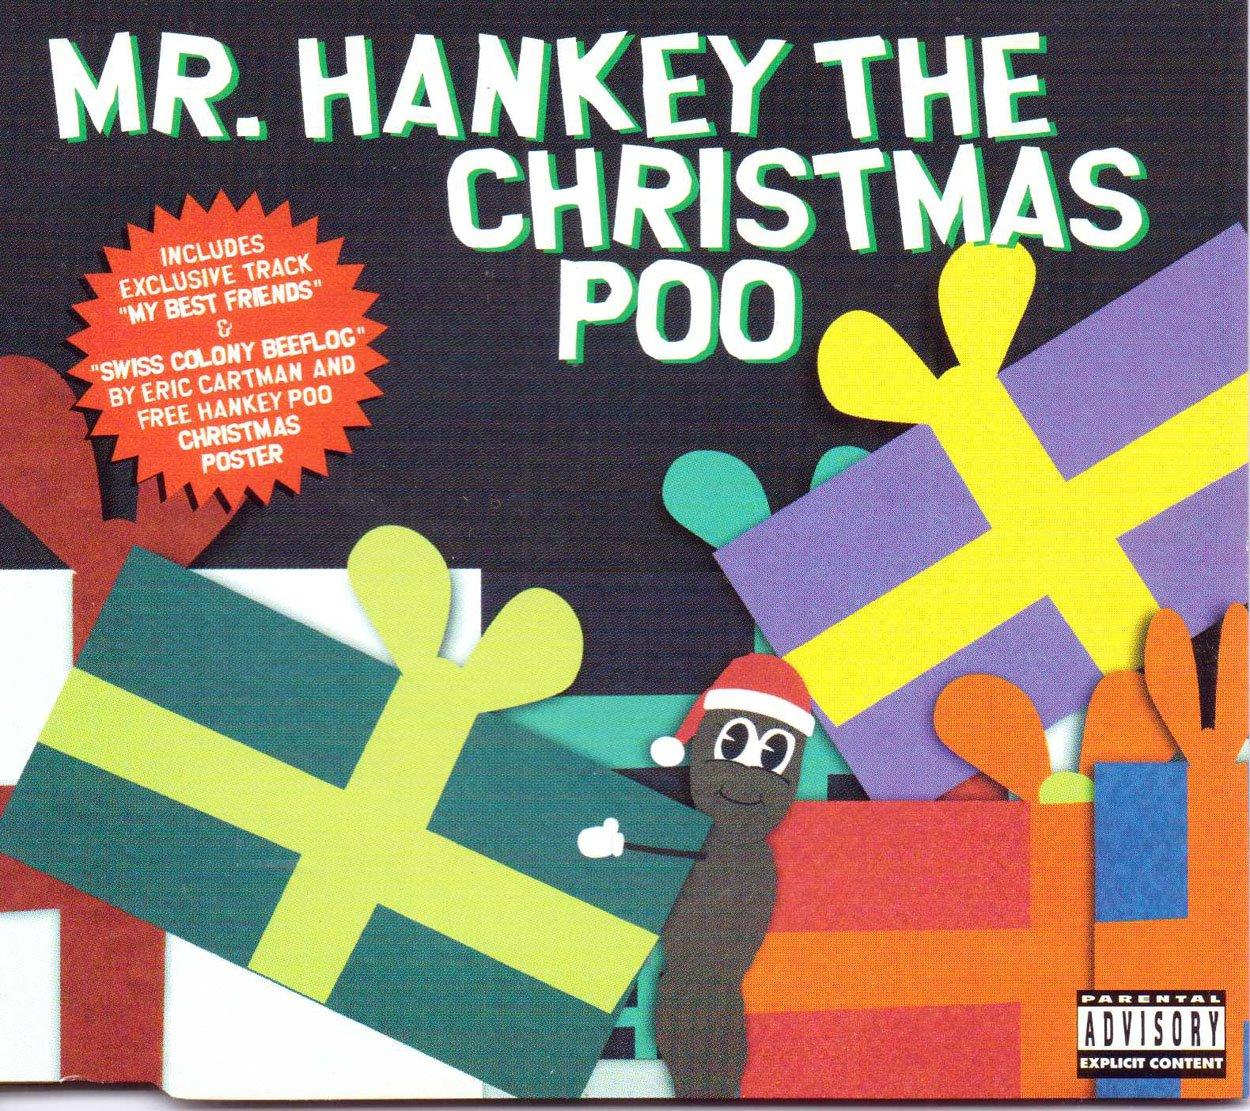 Mr. Hankey The Christmas Poo [CD2] [CD 2]: Amazon.co.uk: Music